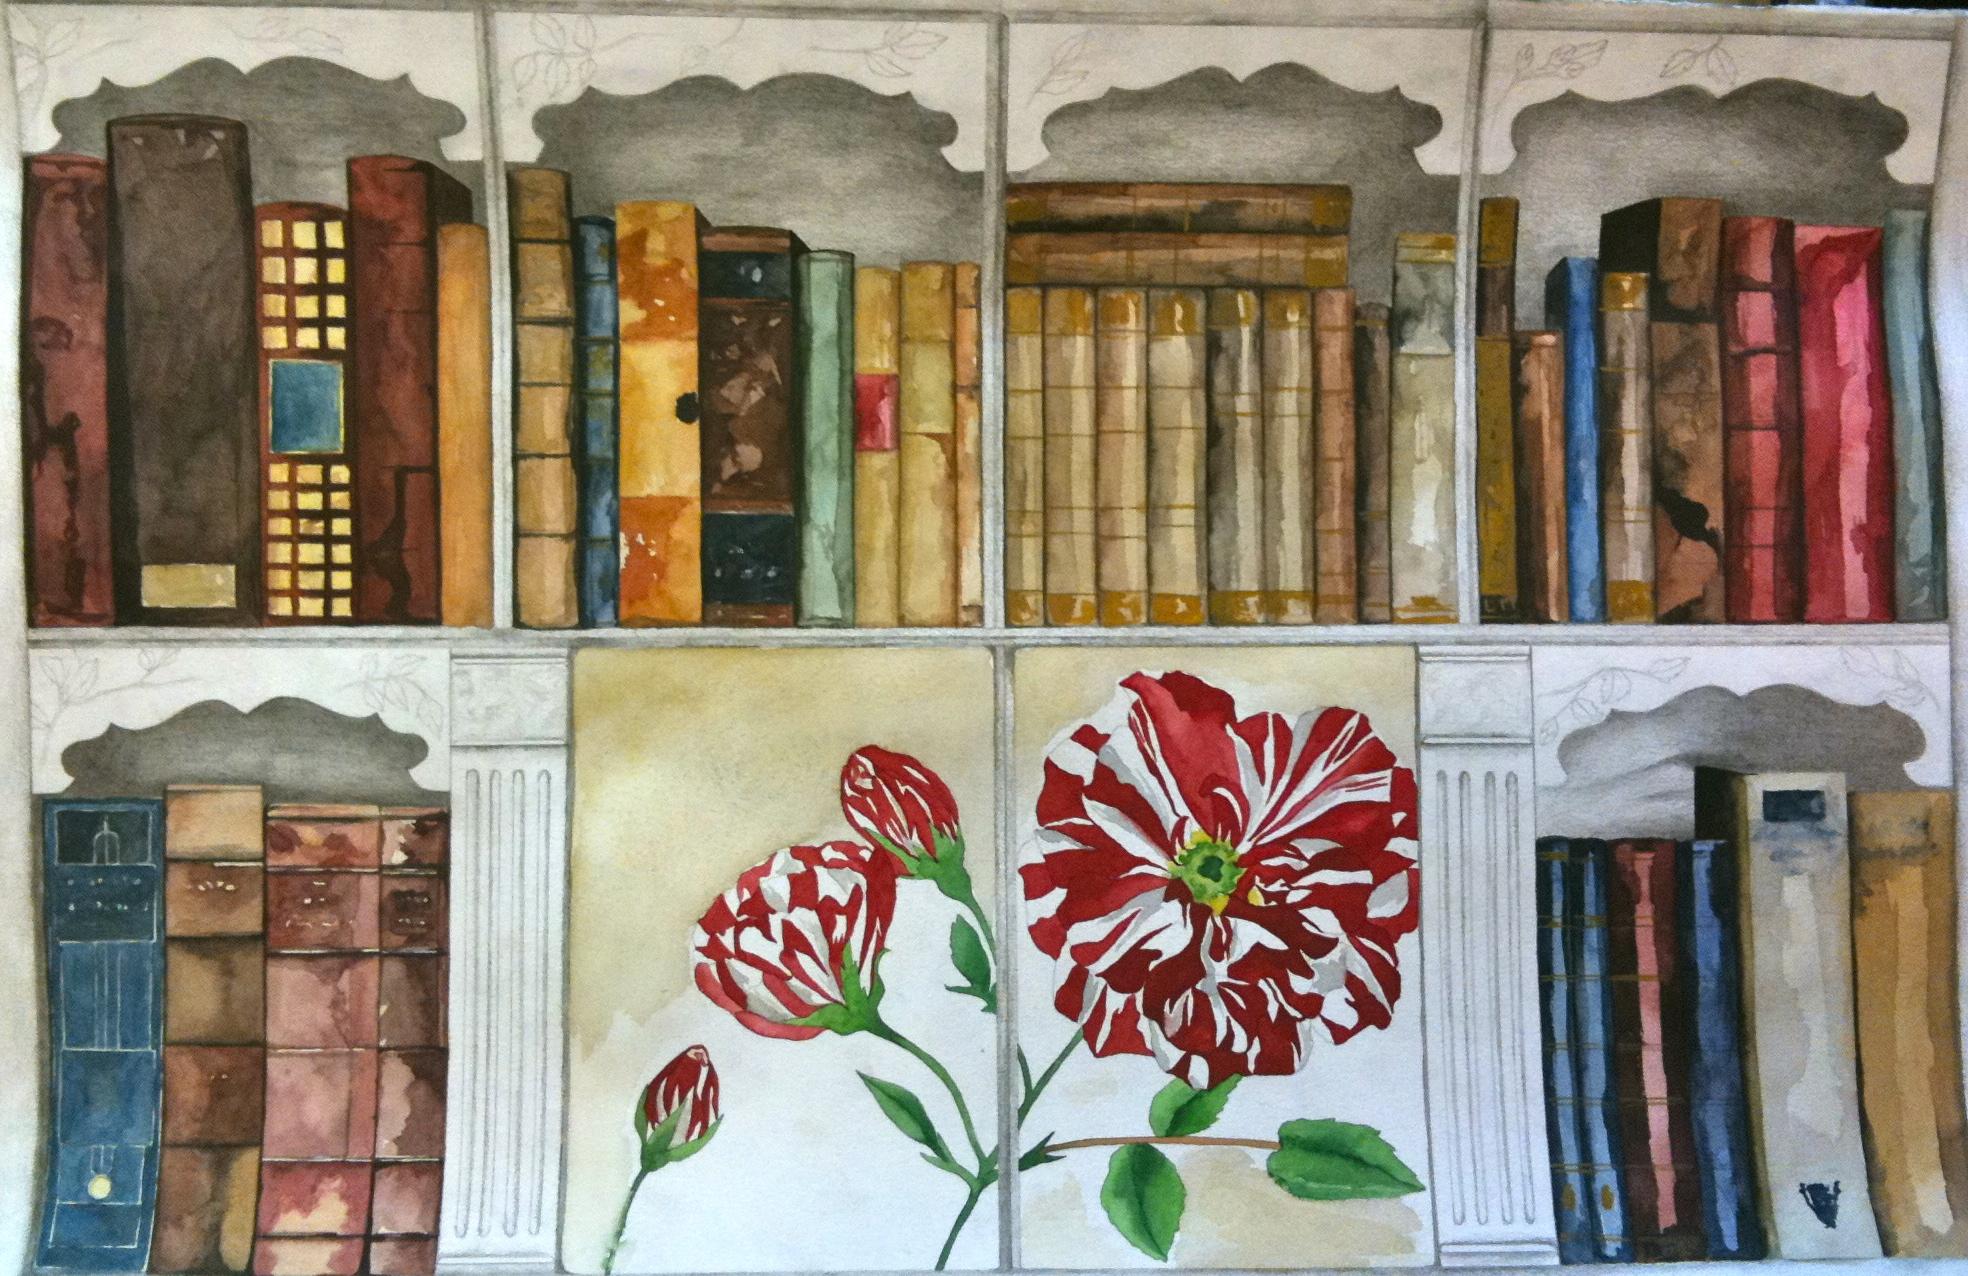 Biblioteca (regalo de boda). Acuarela y lápiz sobre papel. 2011